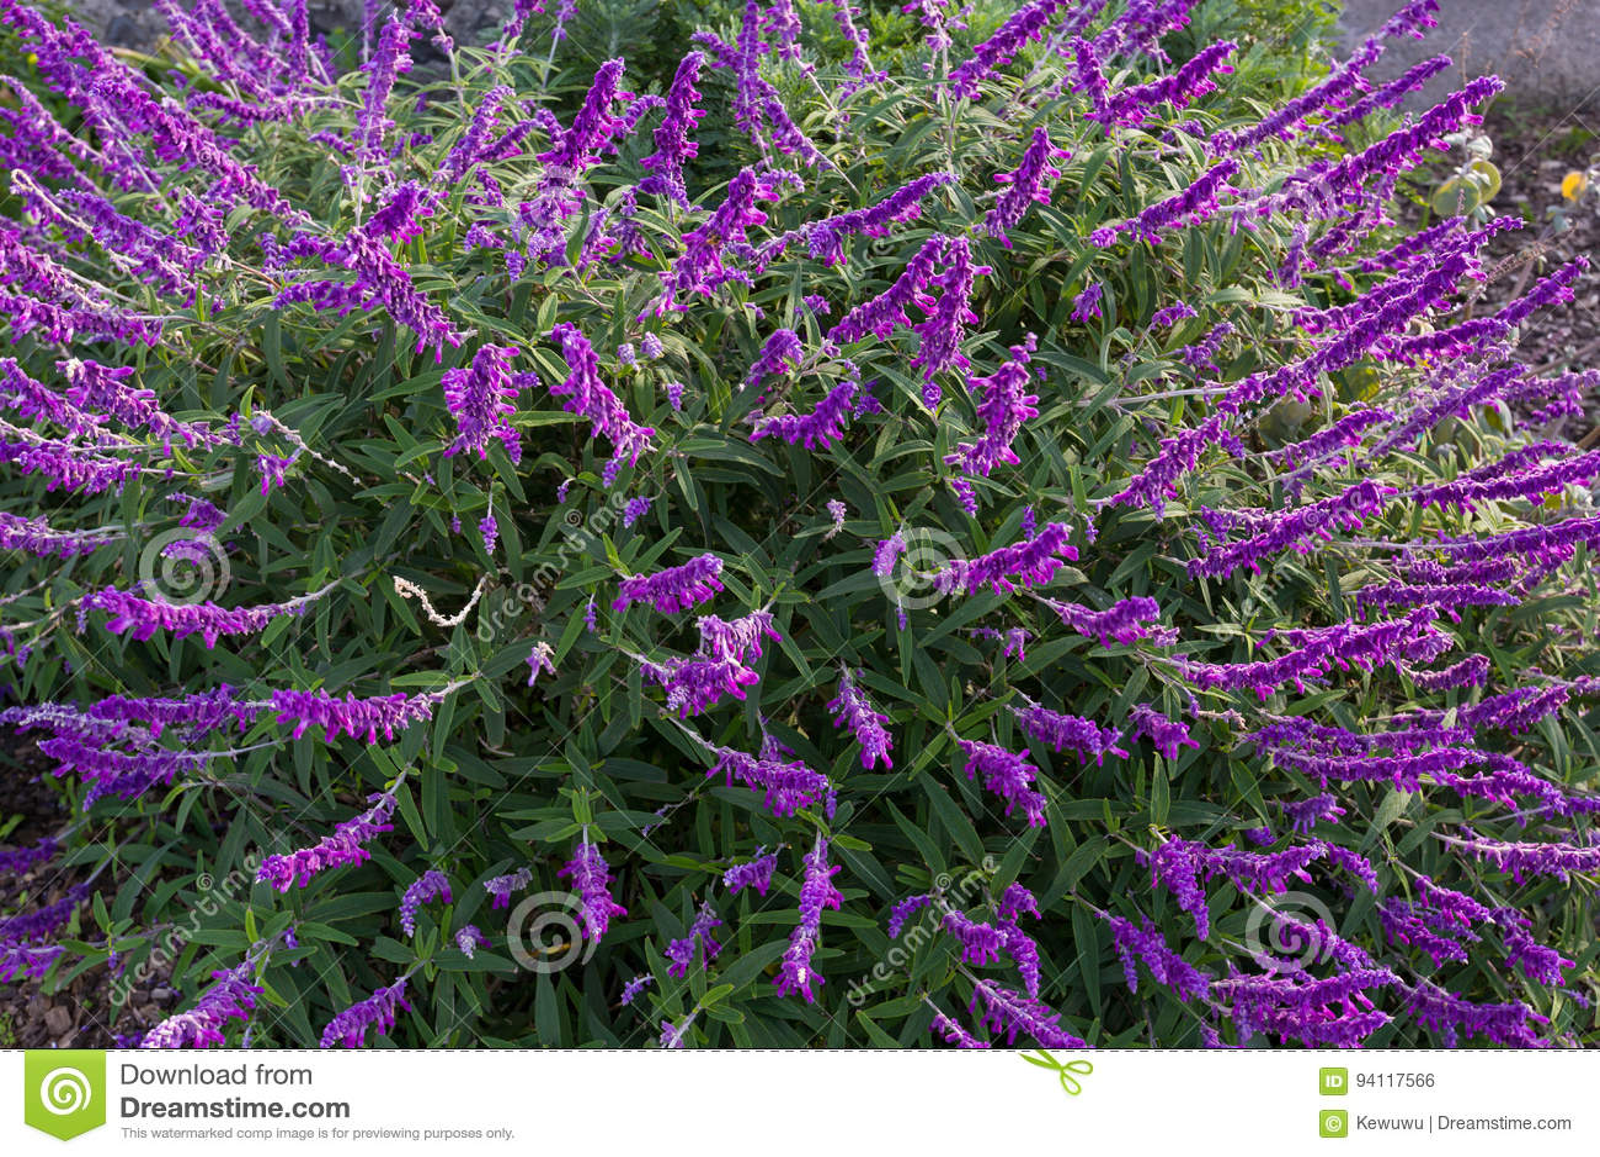 Struiken Met Bloemen Voor In De Tuin.Mexicaanse Struik Wijze Bloemen In Purpere Schaduw In De